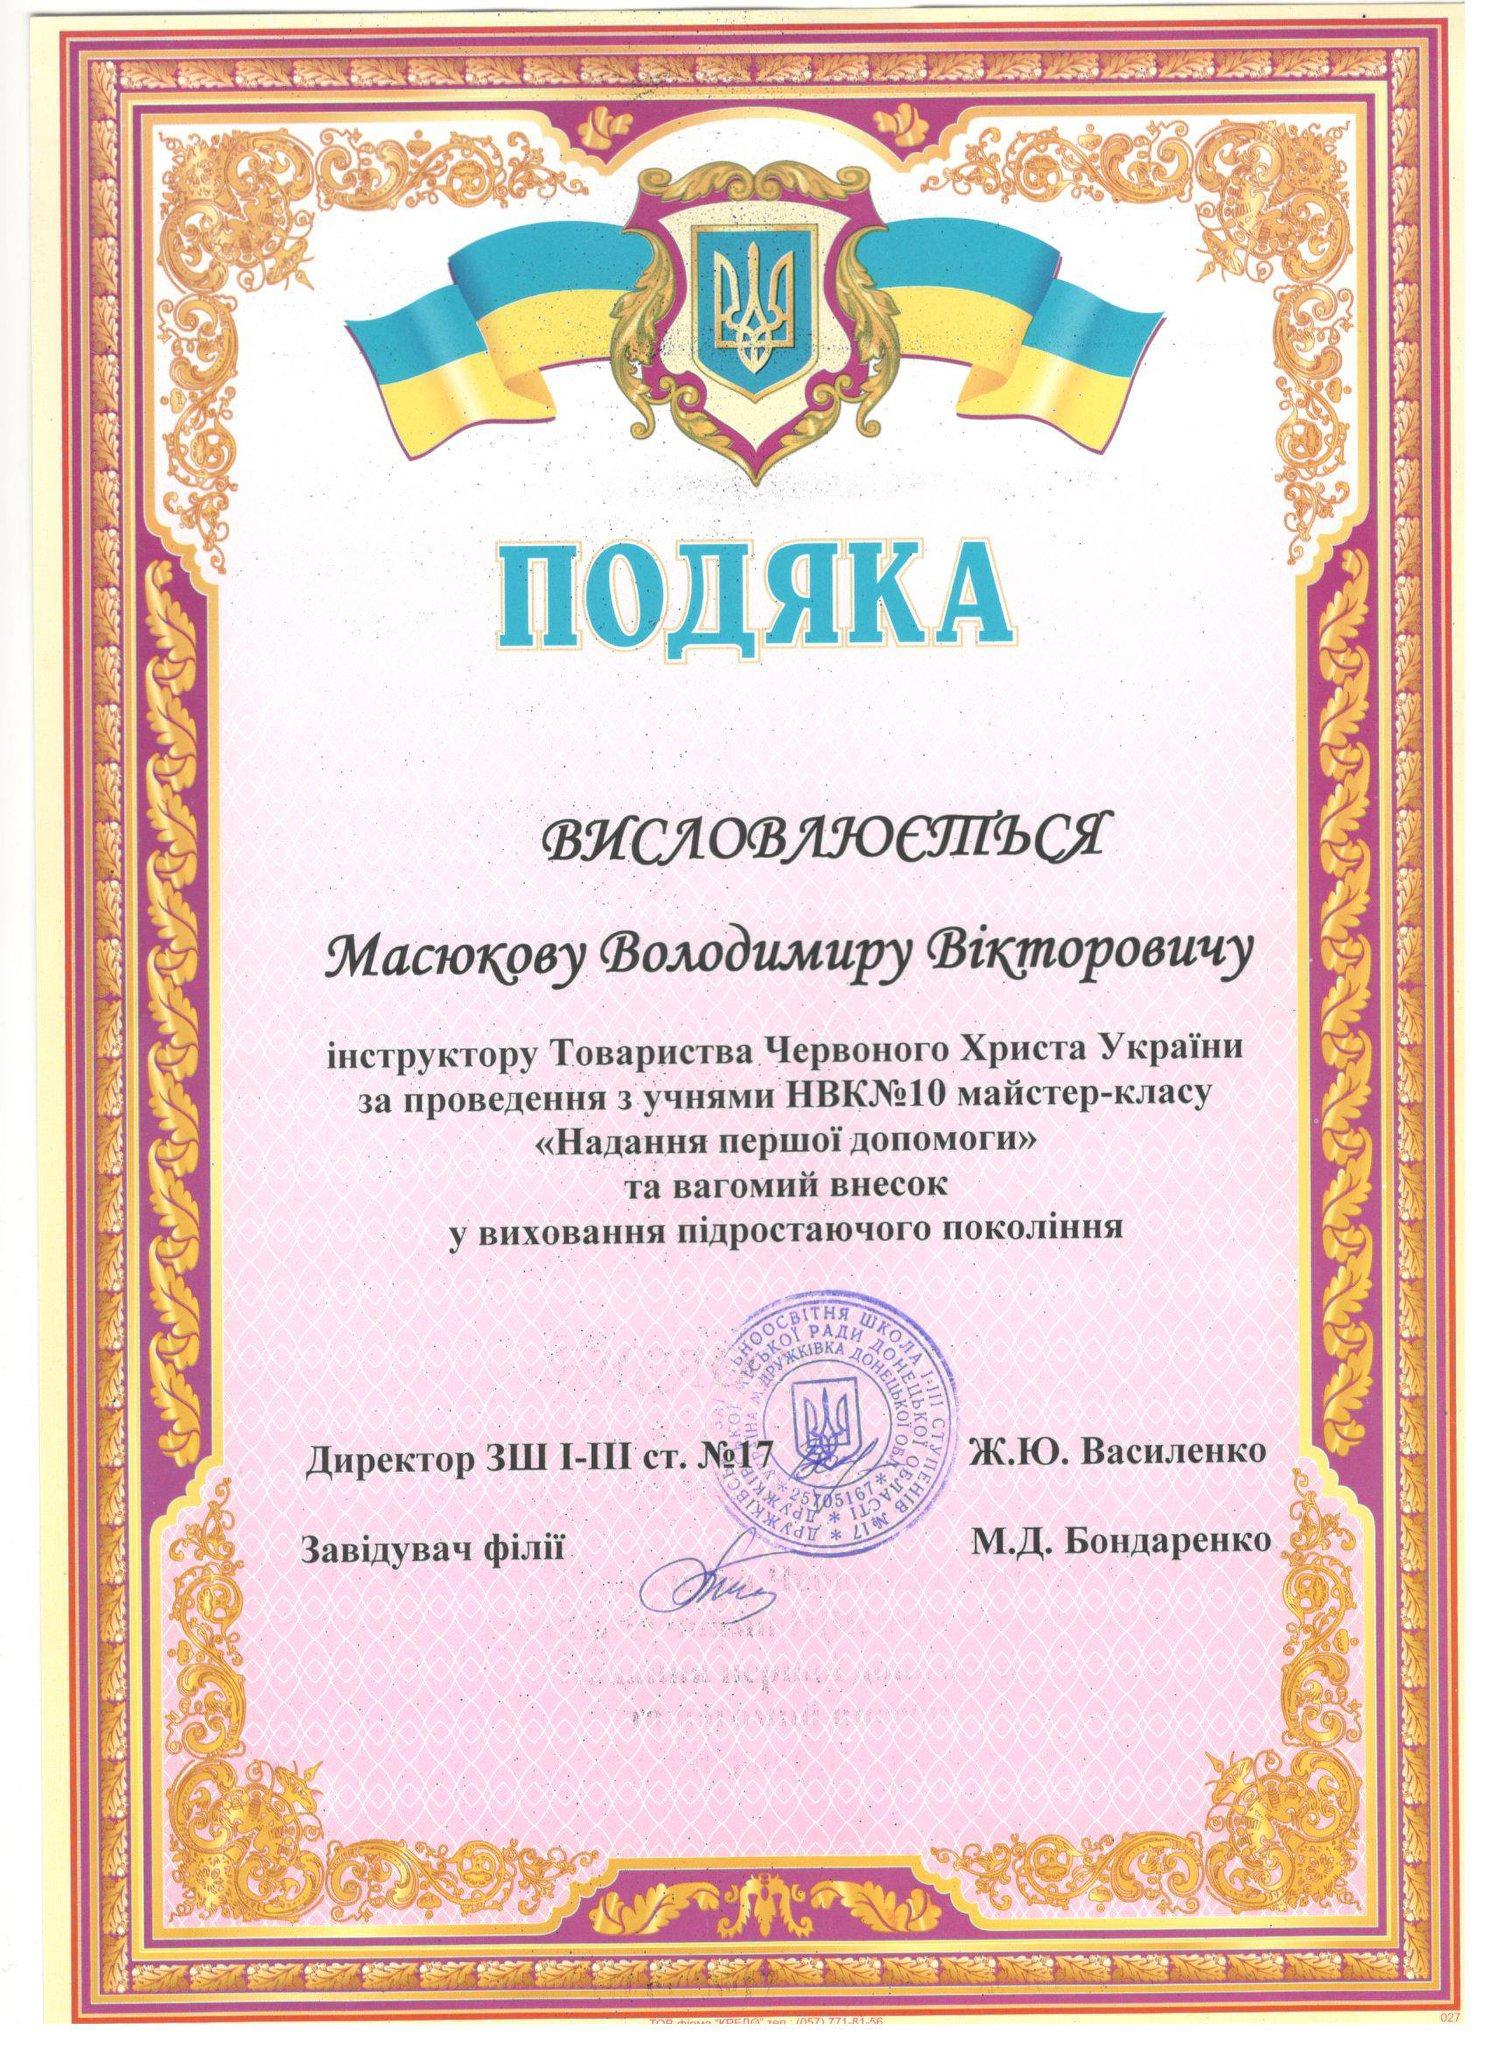 2018_01_31_Дружковка_благодарность